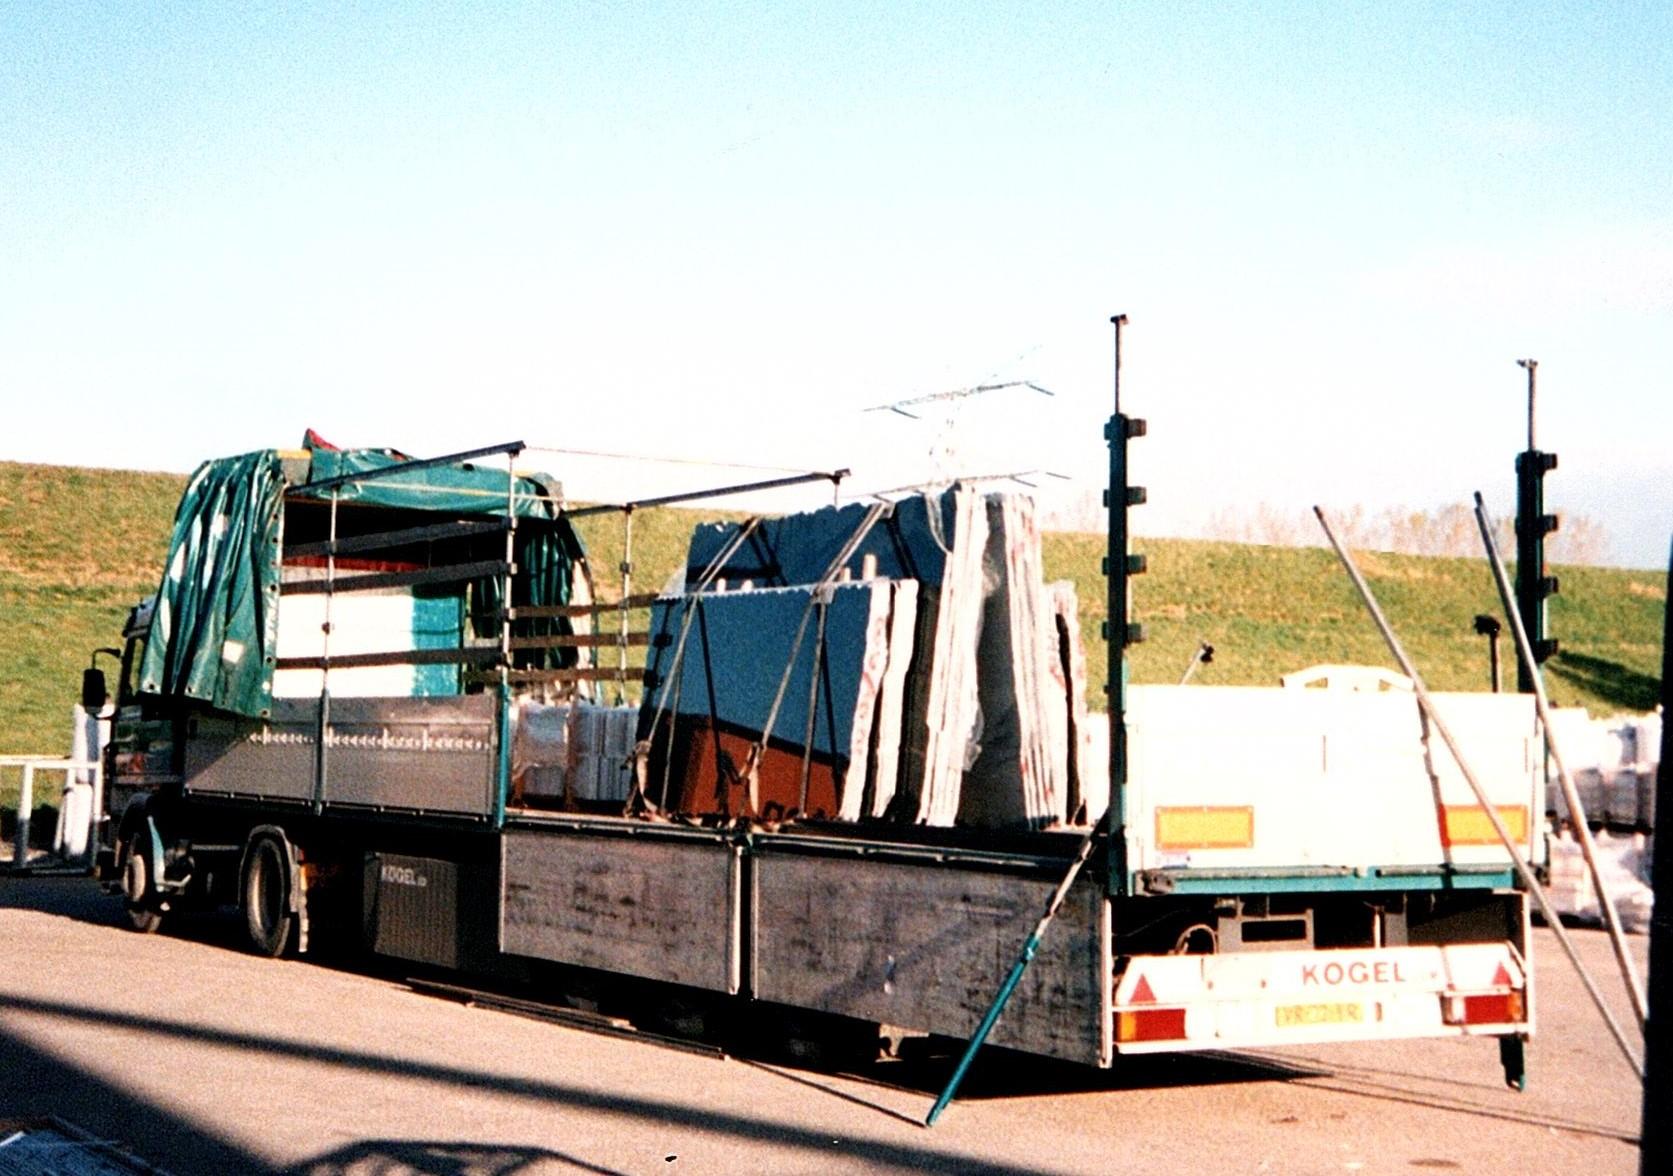 Bert-met-de-Scania-vakantie-vieren-in-Italie-12